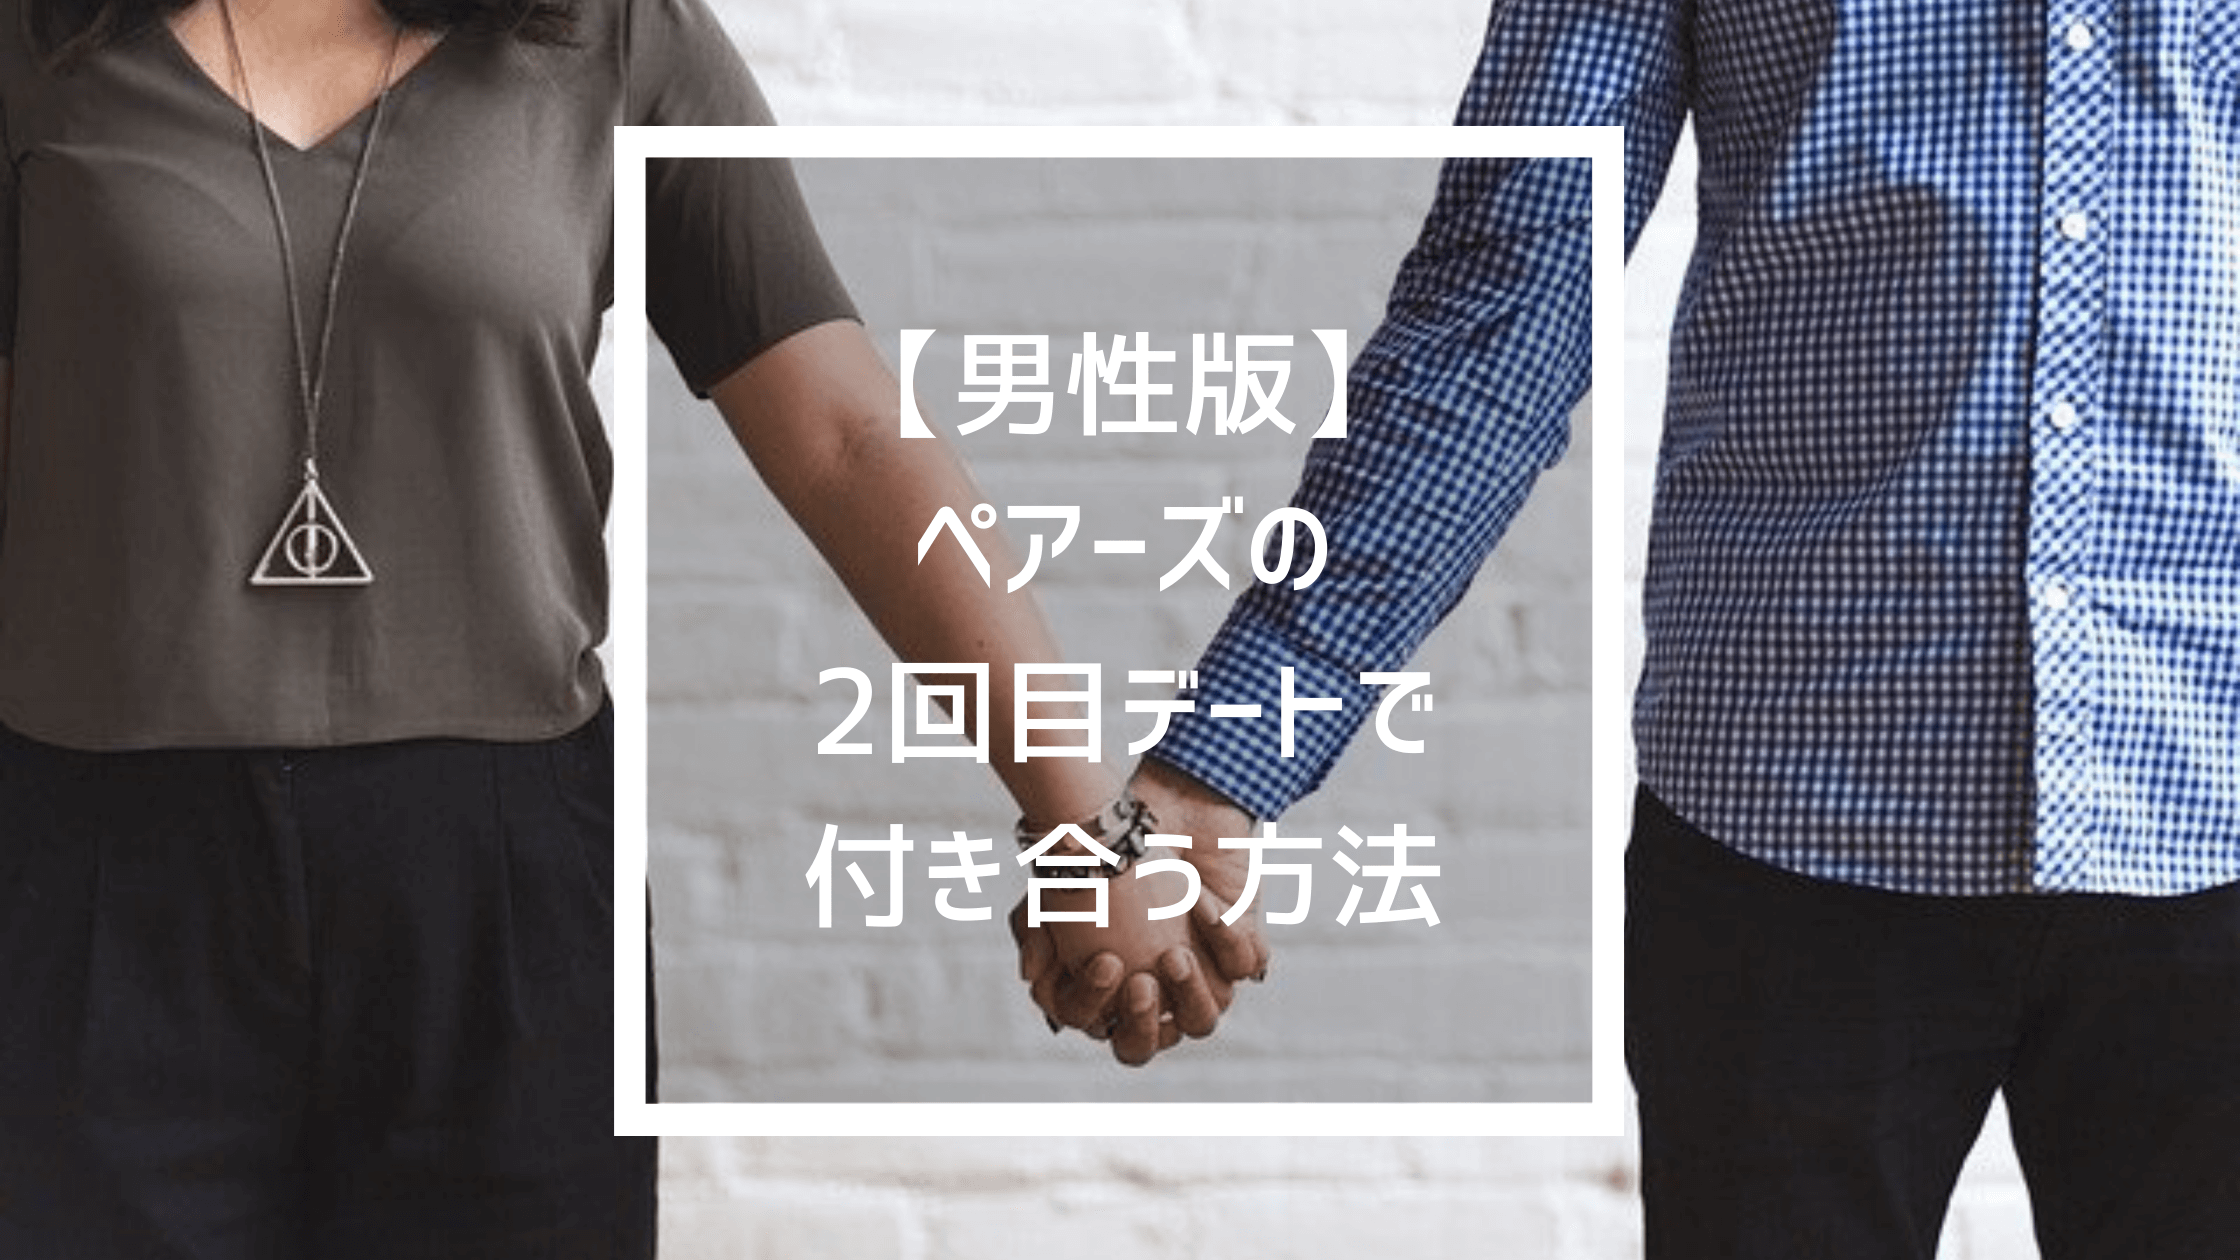 マッチングアプリ ペアーズ 2回目 デート 付き合う方法